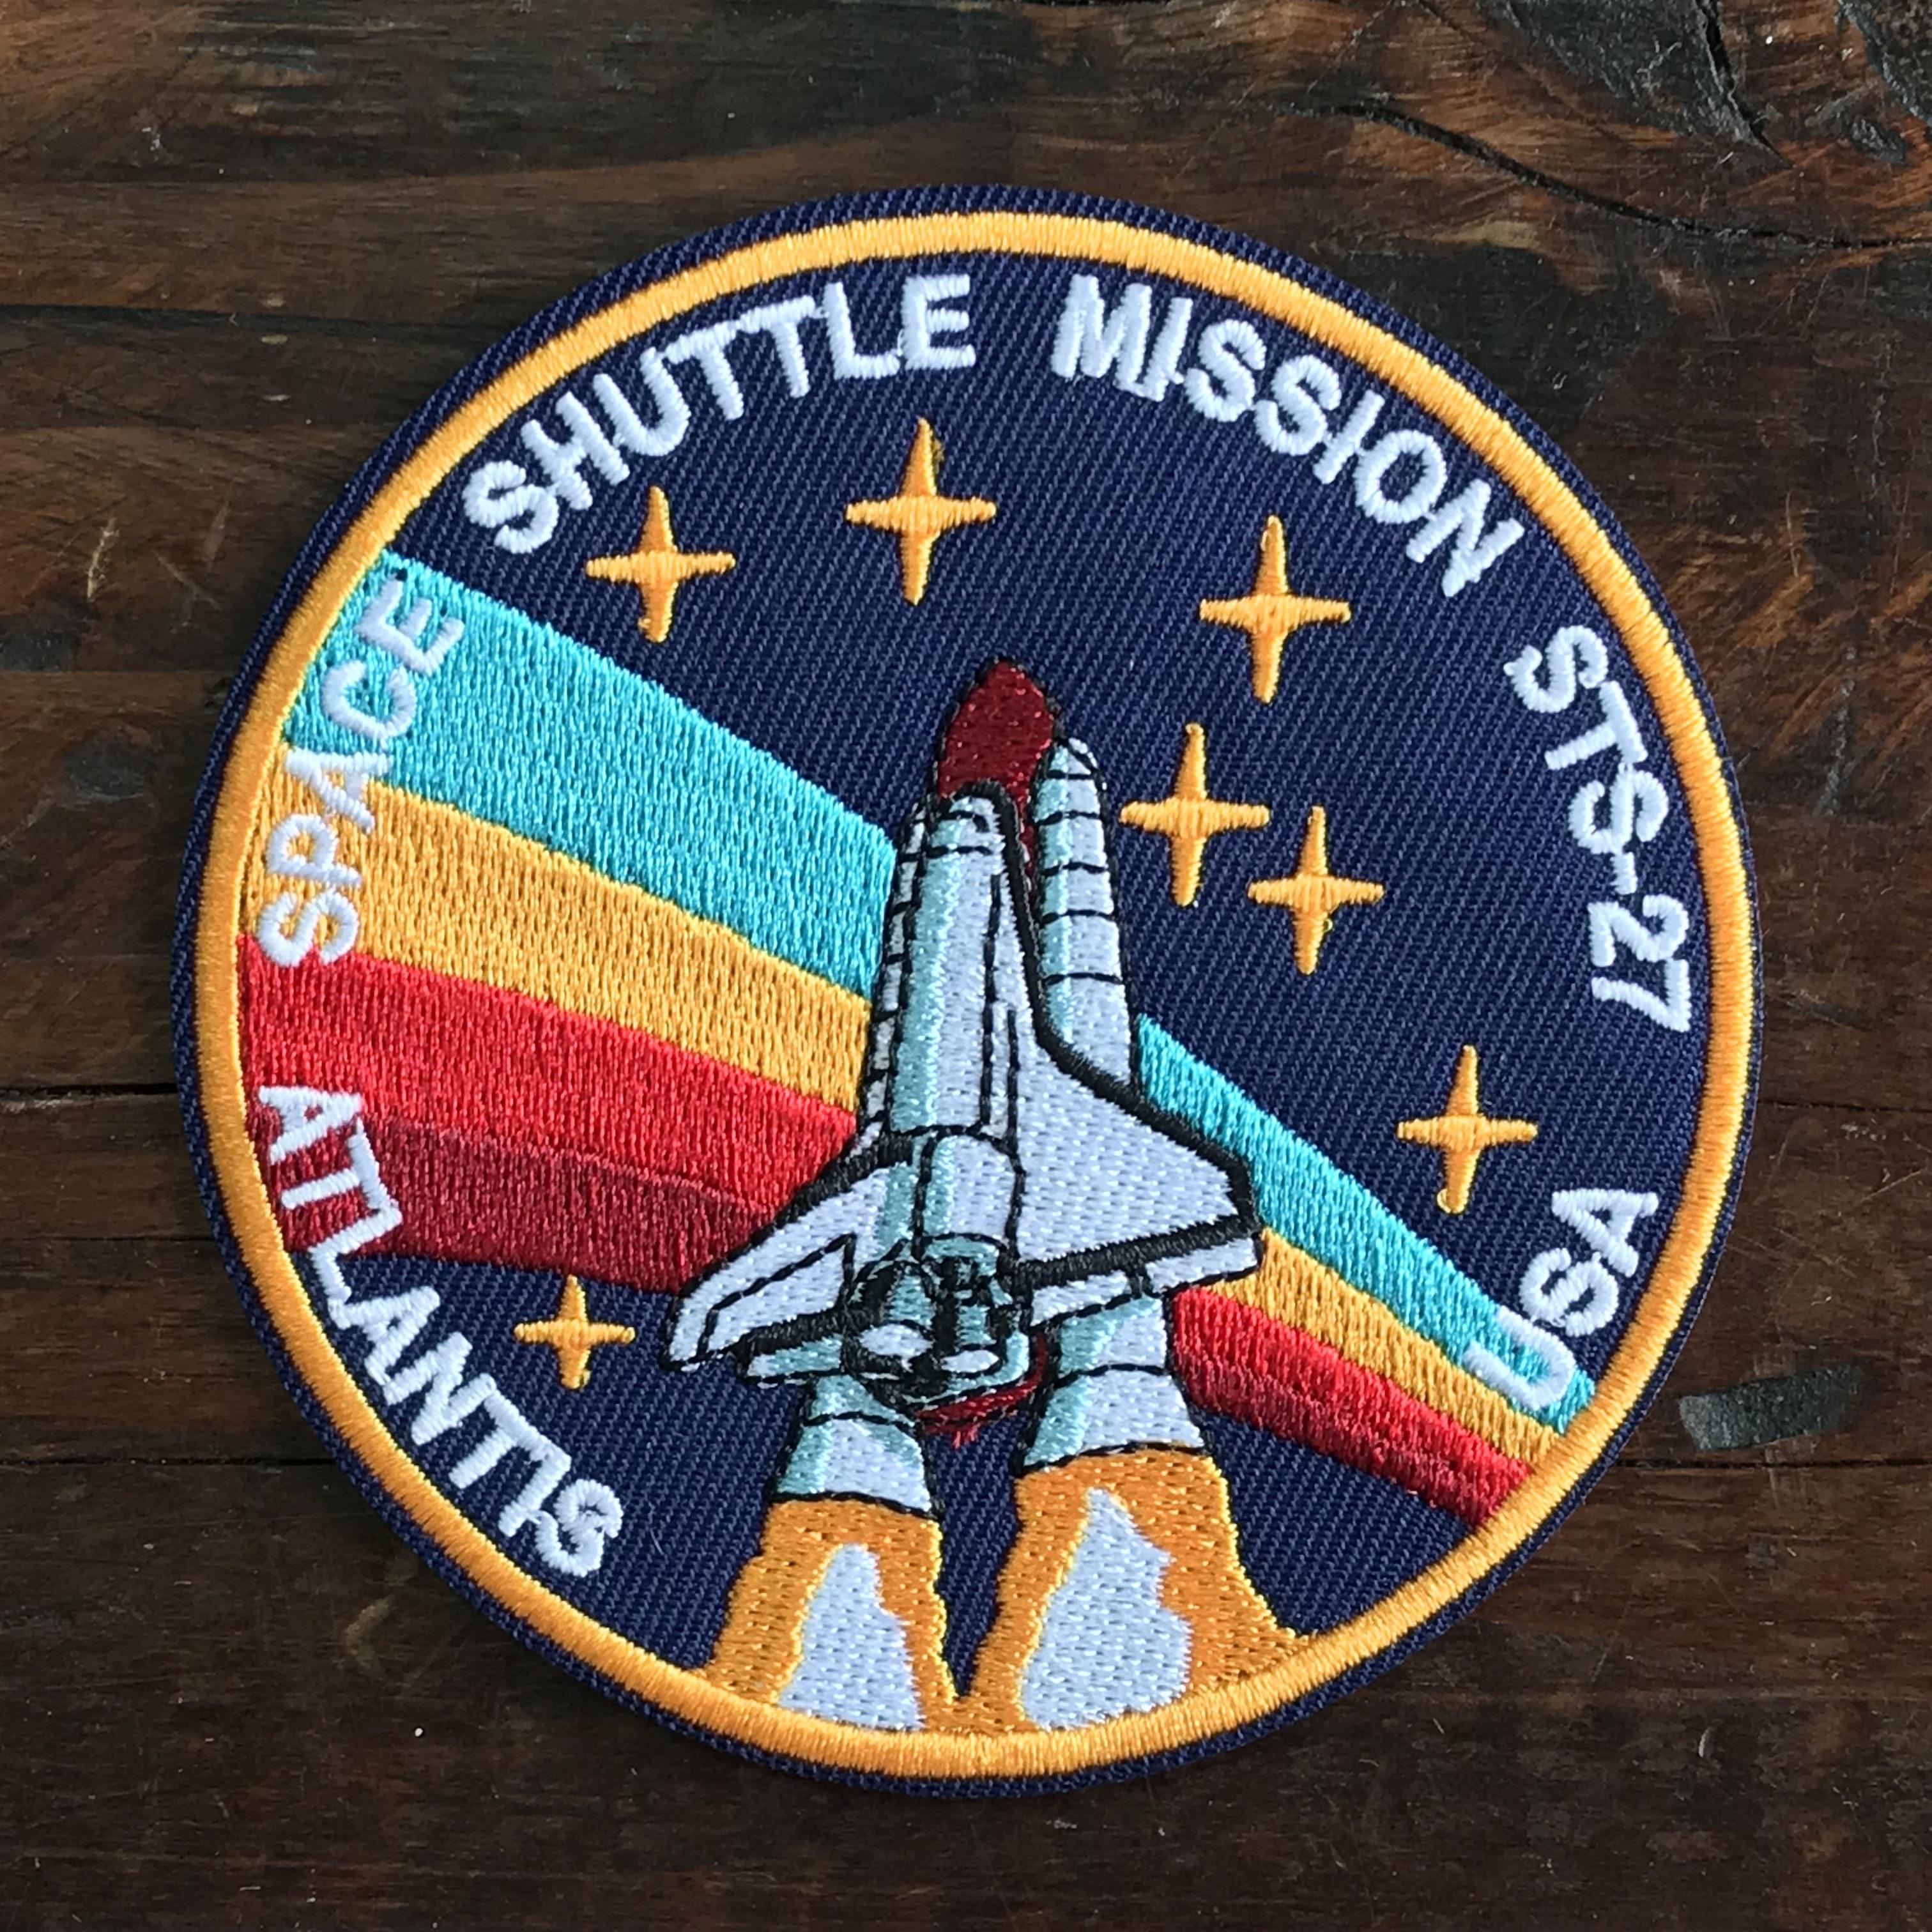 NASA公認(アメリカ航空宇宙局)ワッペン・アップリケ・スペースシャトルミッション・STS-27